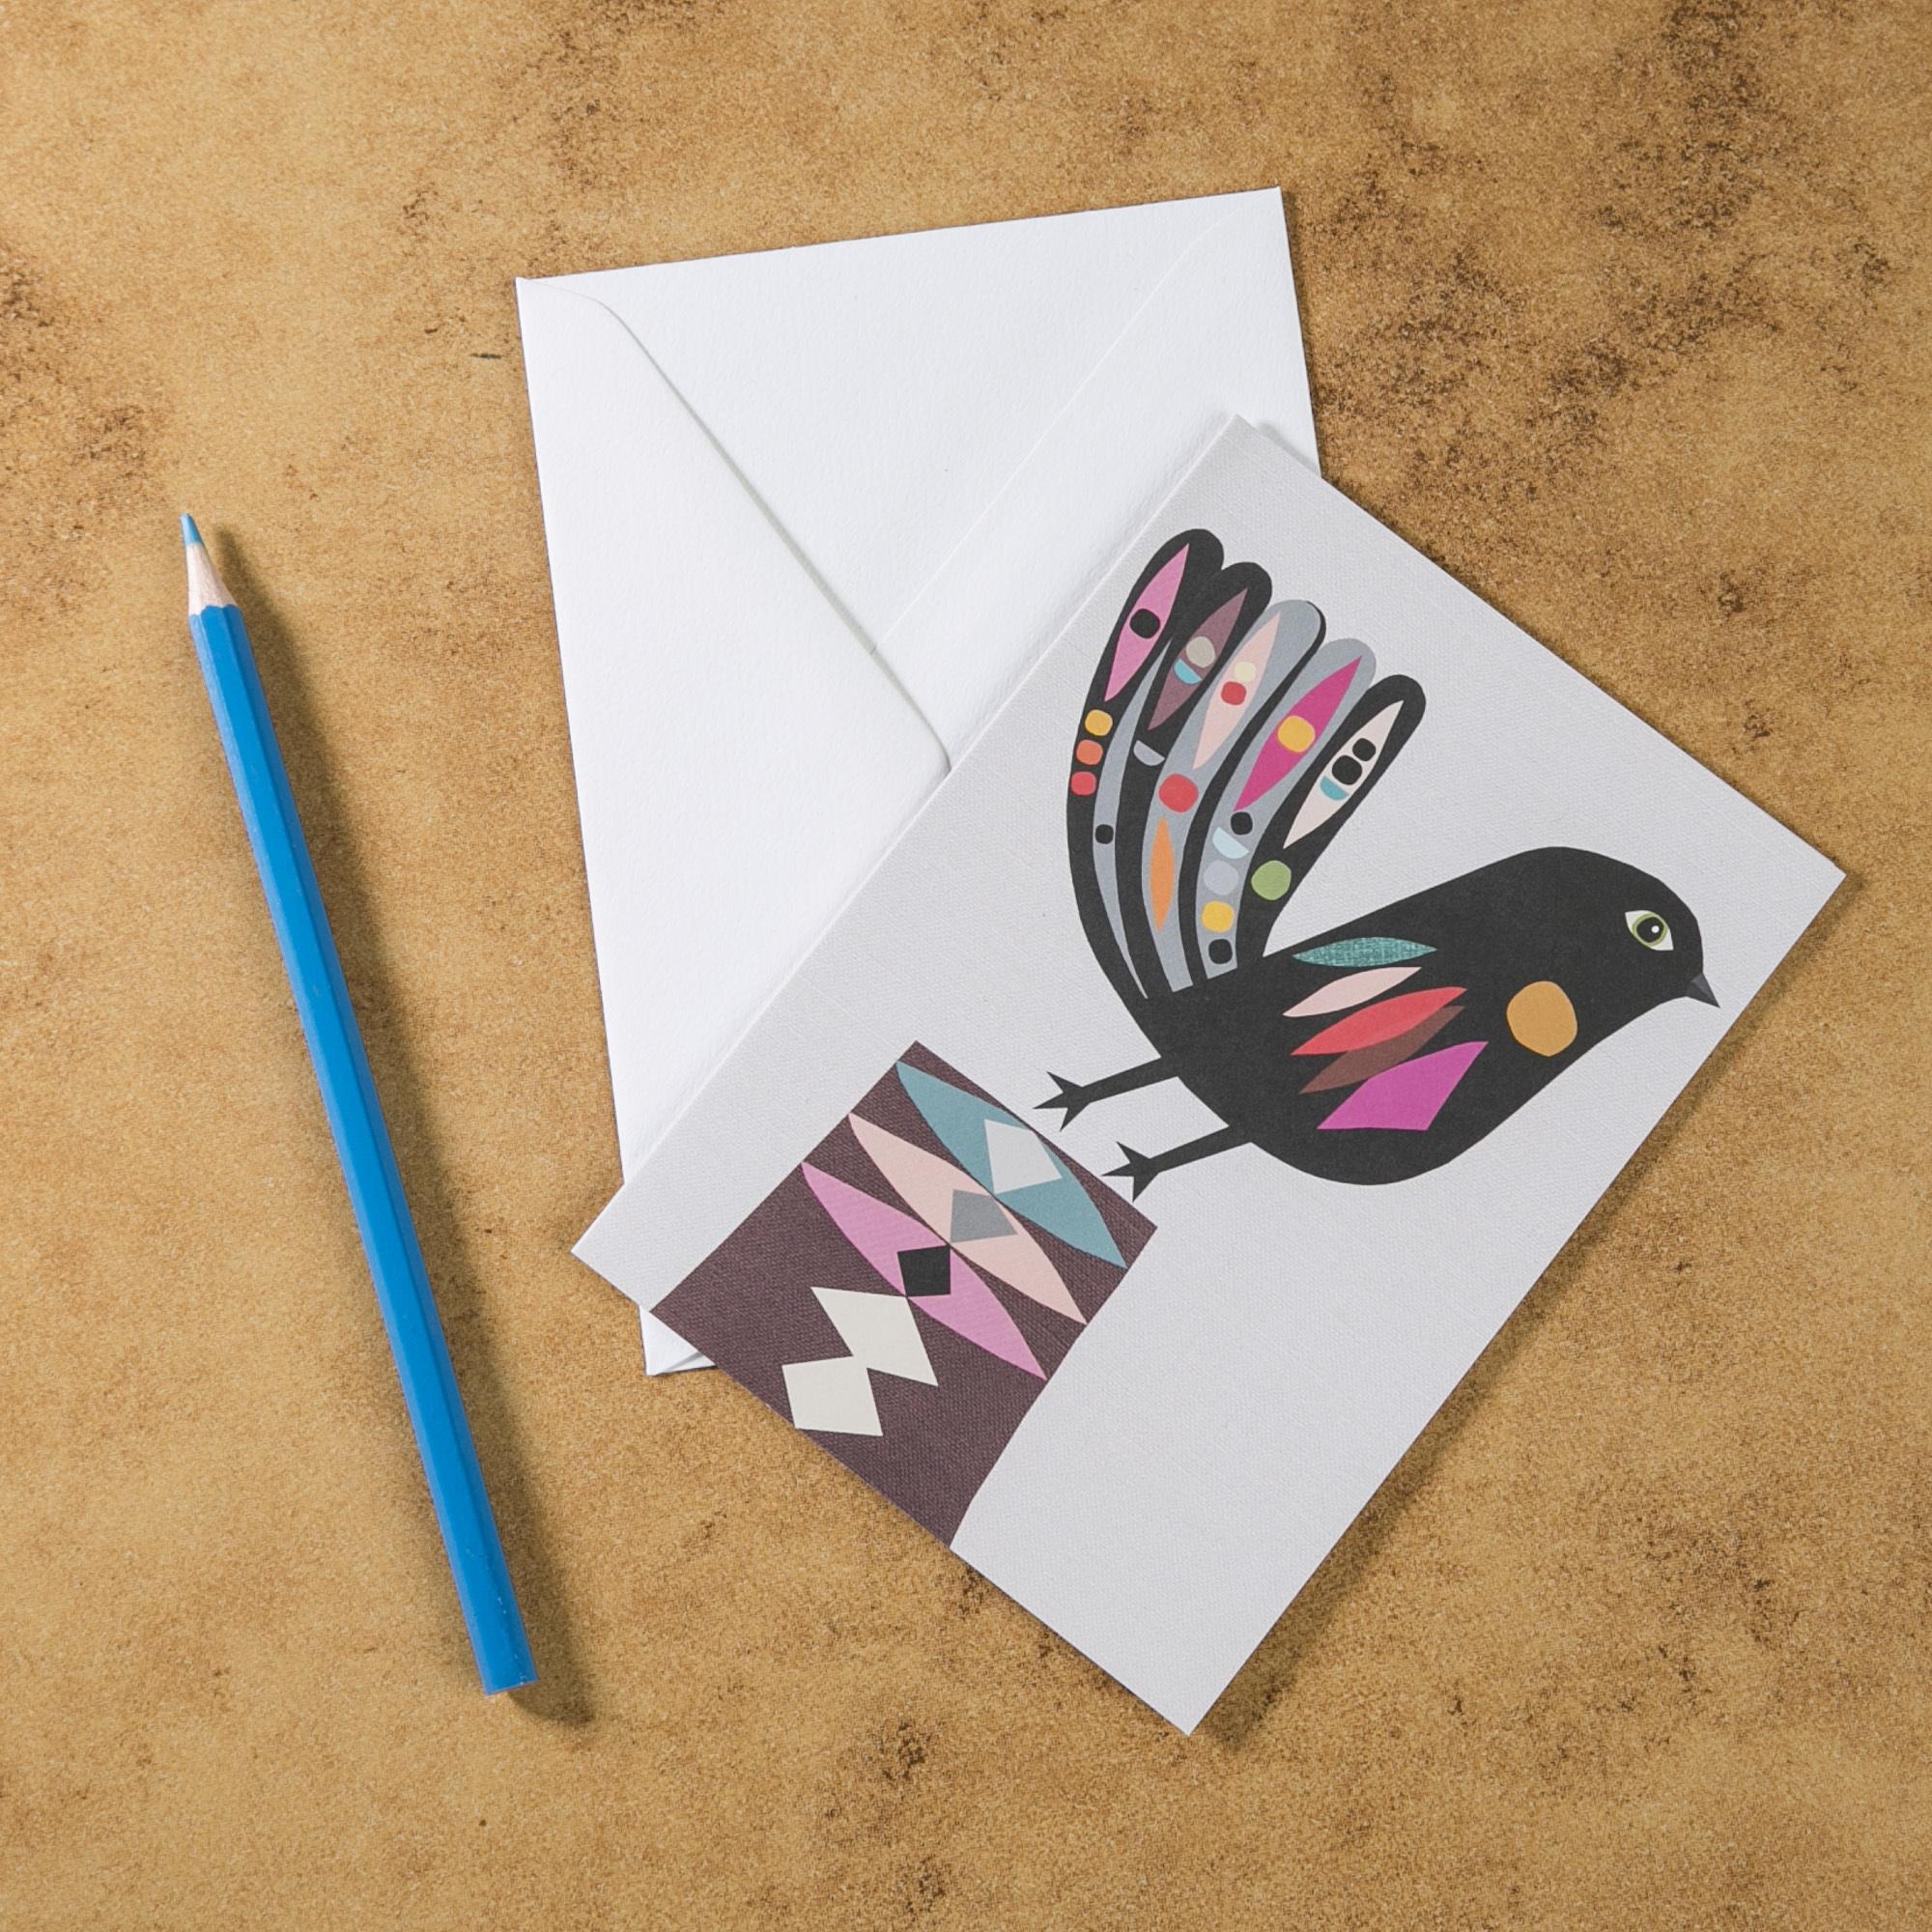 新西兰原产Tikitibu 小扇尾 贺卡明信片创意生日贺卡 彩色